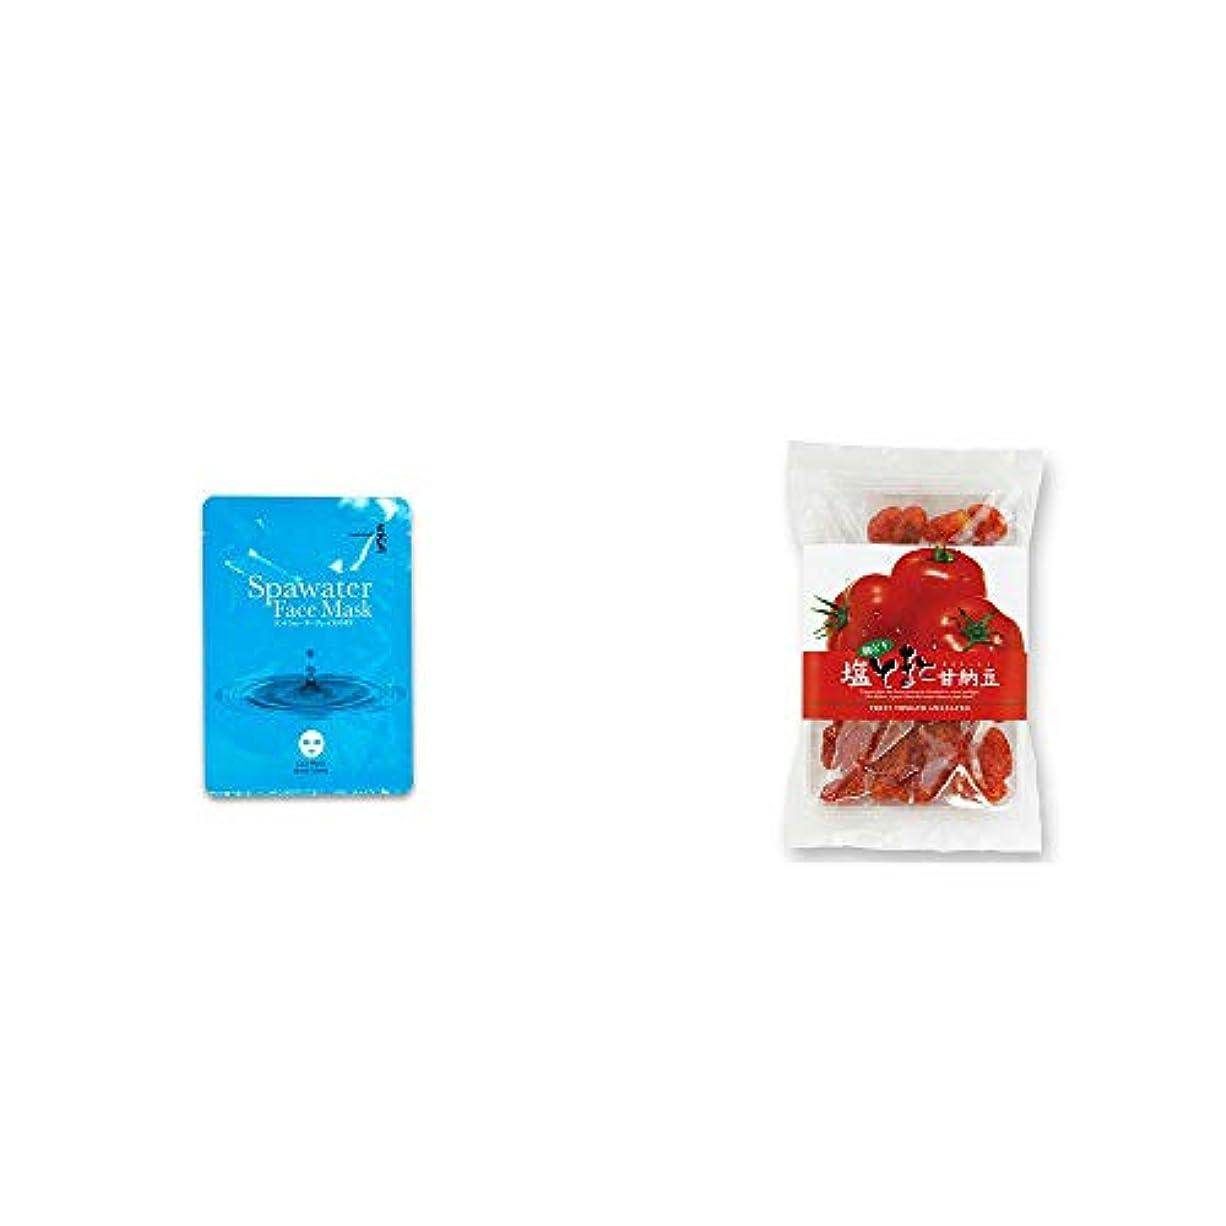 家畜抽出コールド[2点セット] ひのき炭黒泉 スパウォーターフェイスマスク(18ml×3枚入)・朝どり 塩とまと甘納豆(150g)